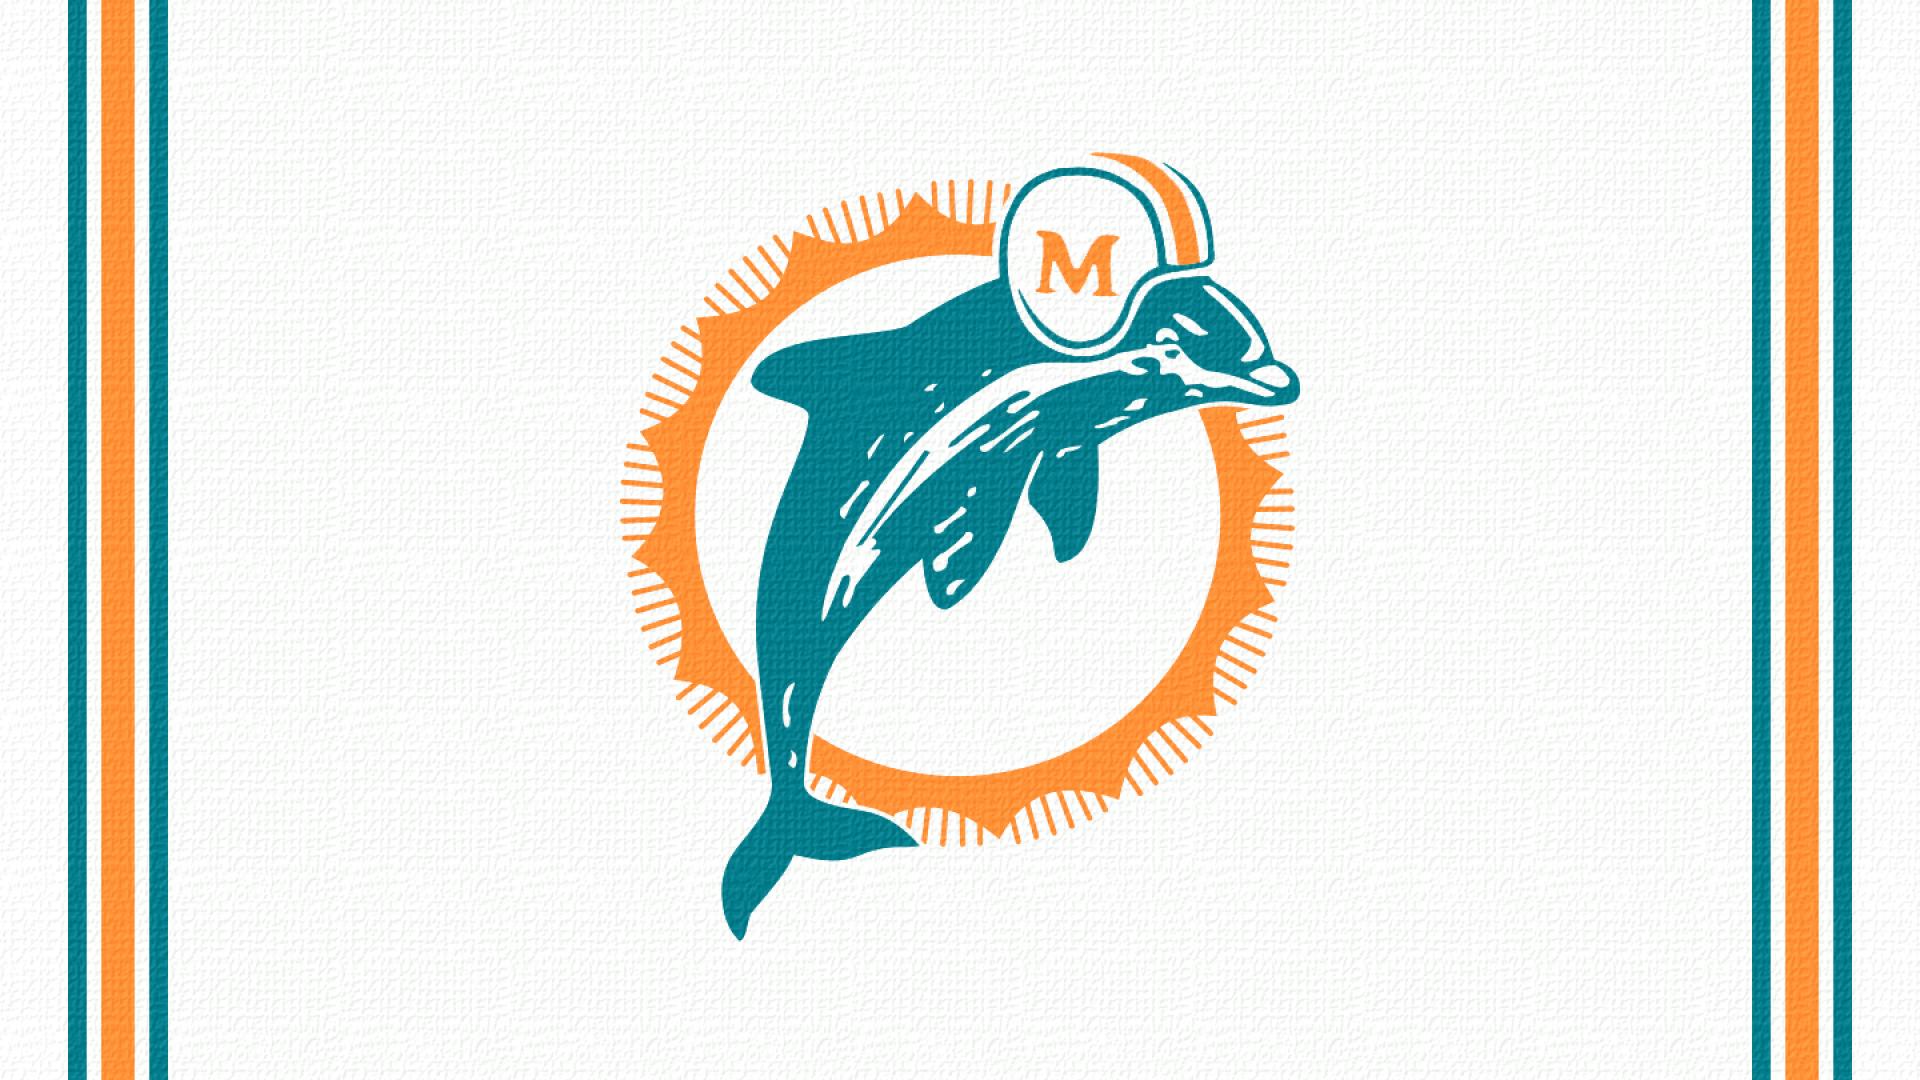 miami dolphins 2015 wallpaper - photo #9